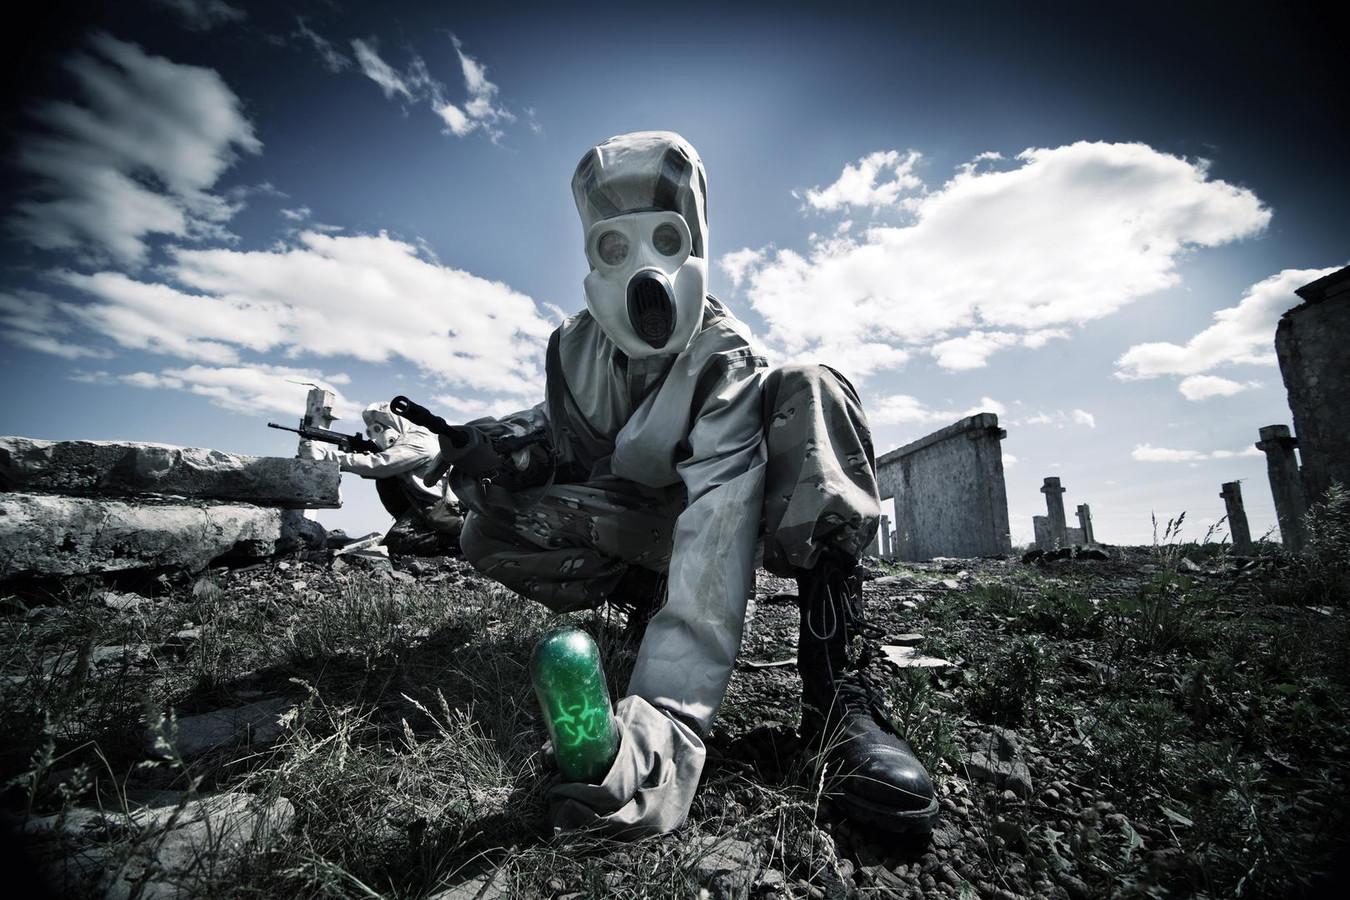 les documents découverts à l'université de Mossoul révèlent aussi des recettes pour fabriquer d'autres poisons mortels. L'EI projetterait de semer la terreur en Europe avec ces nouvelles pratiques.(illustration)